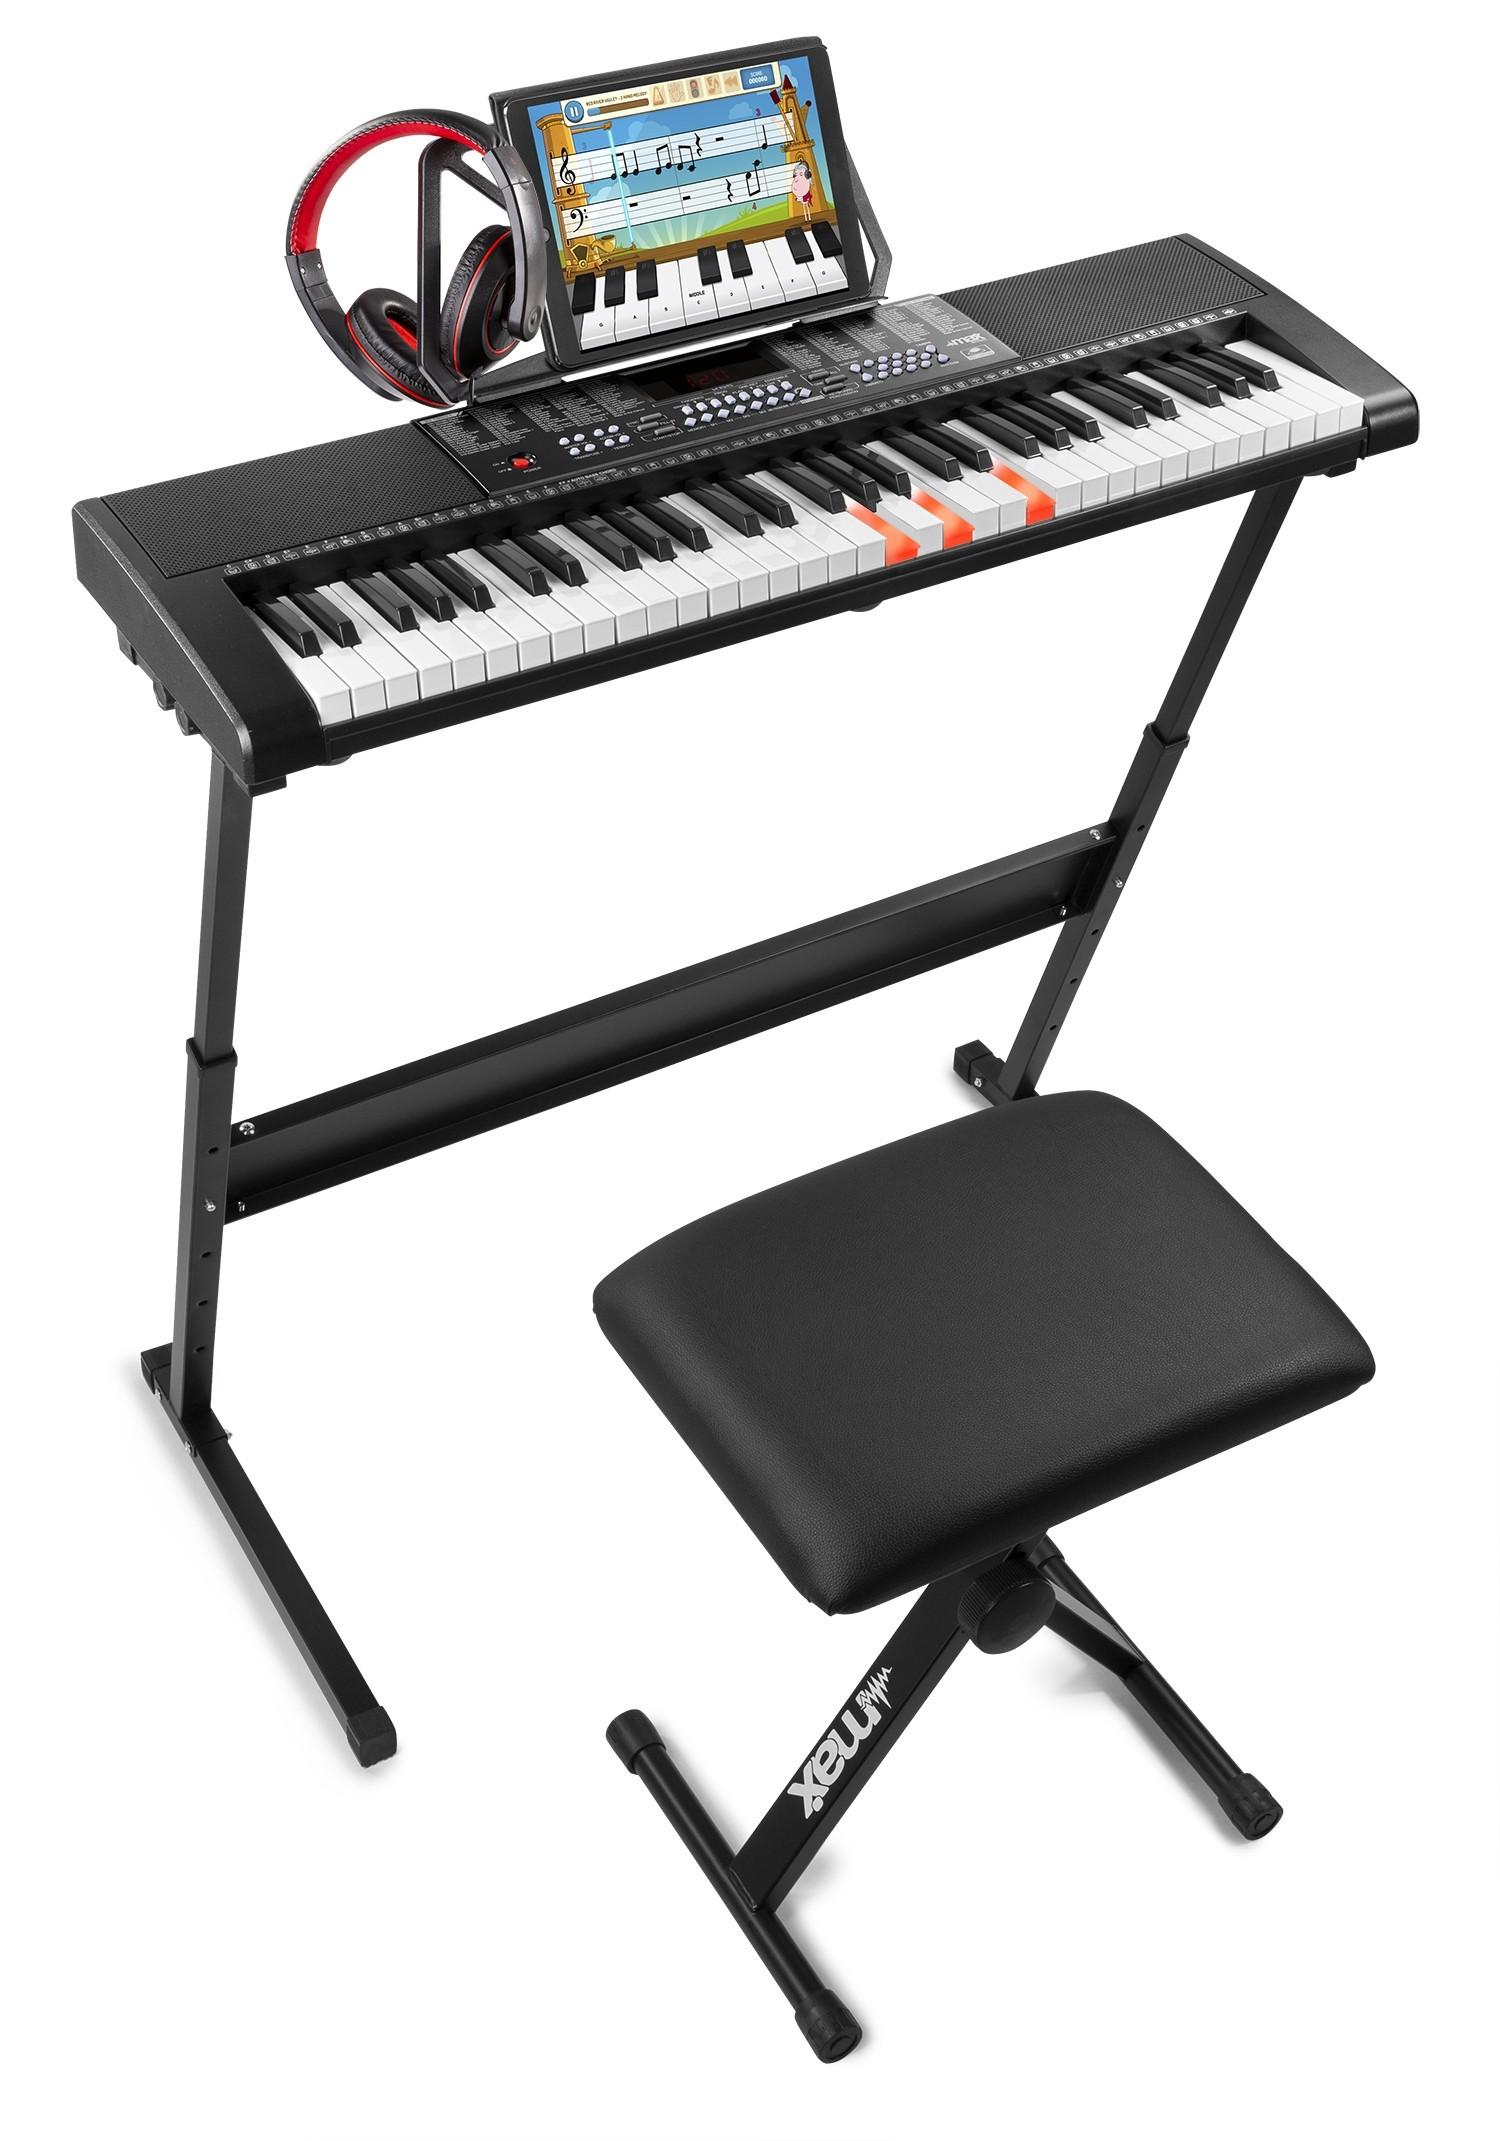 KB5SET Set claviatură electronică cu 61 de clape luminoase + suport clavitură+ scaun + căști audio, Max